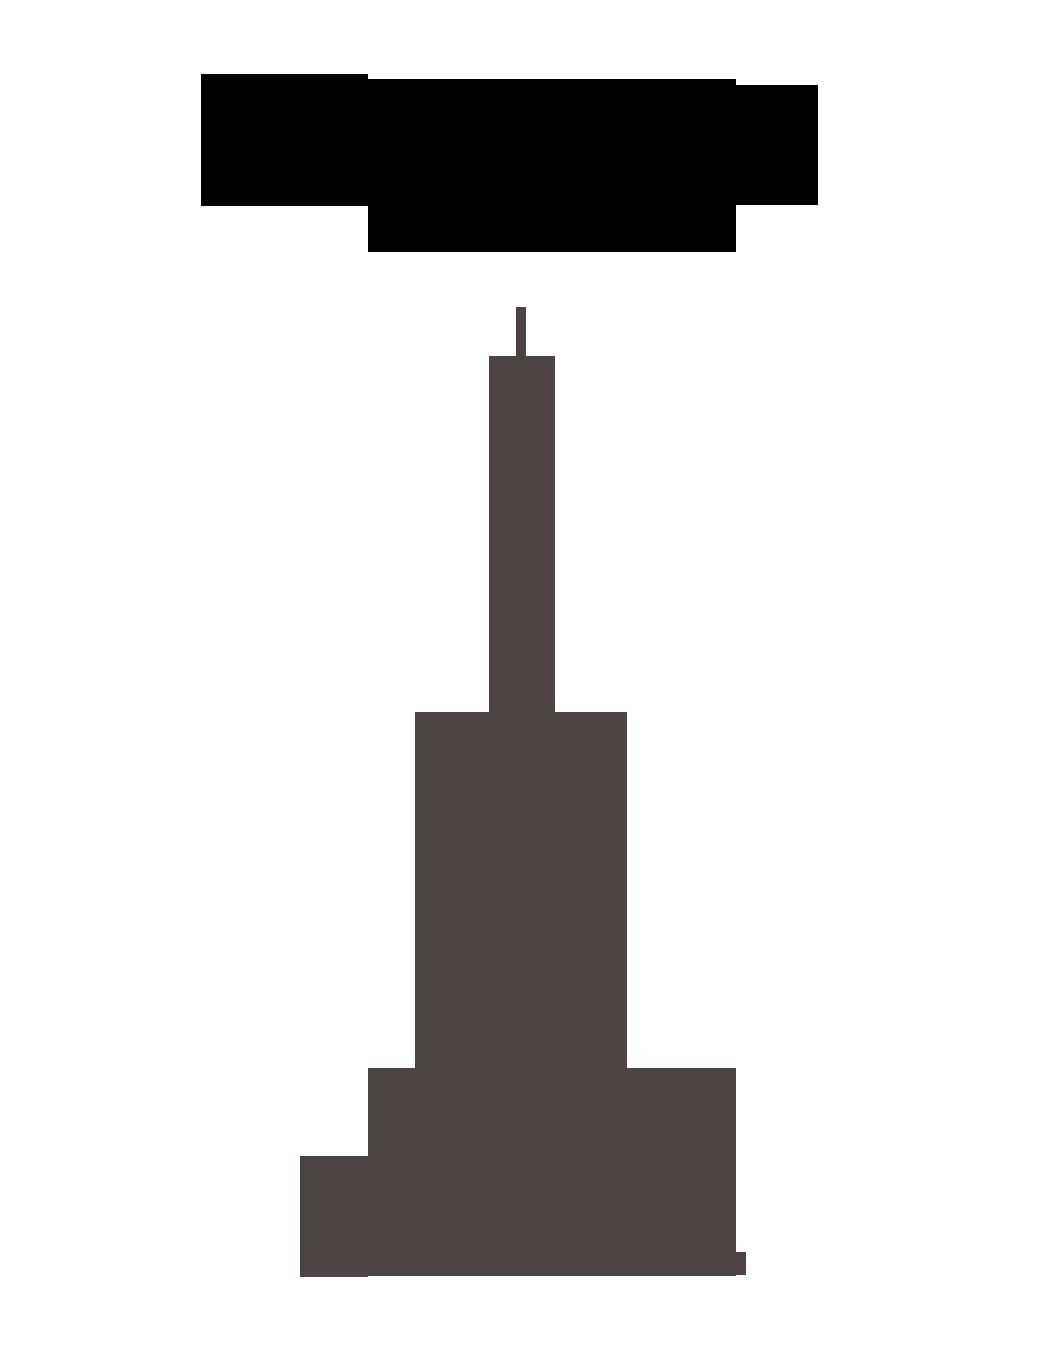 Eiffel tower heart clipart image royalty free library LÁMINAS VINTAGE,ANTIGUAS,RETRO Y POR EL ESTILO.... | Pinterest ... image royalty free library